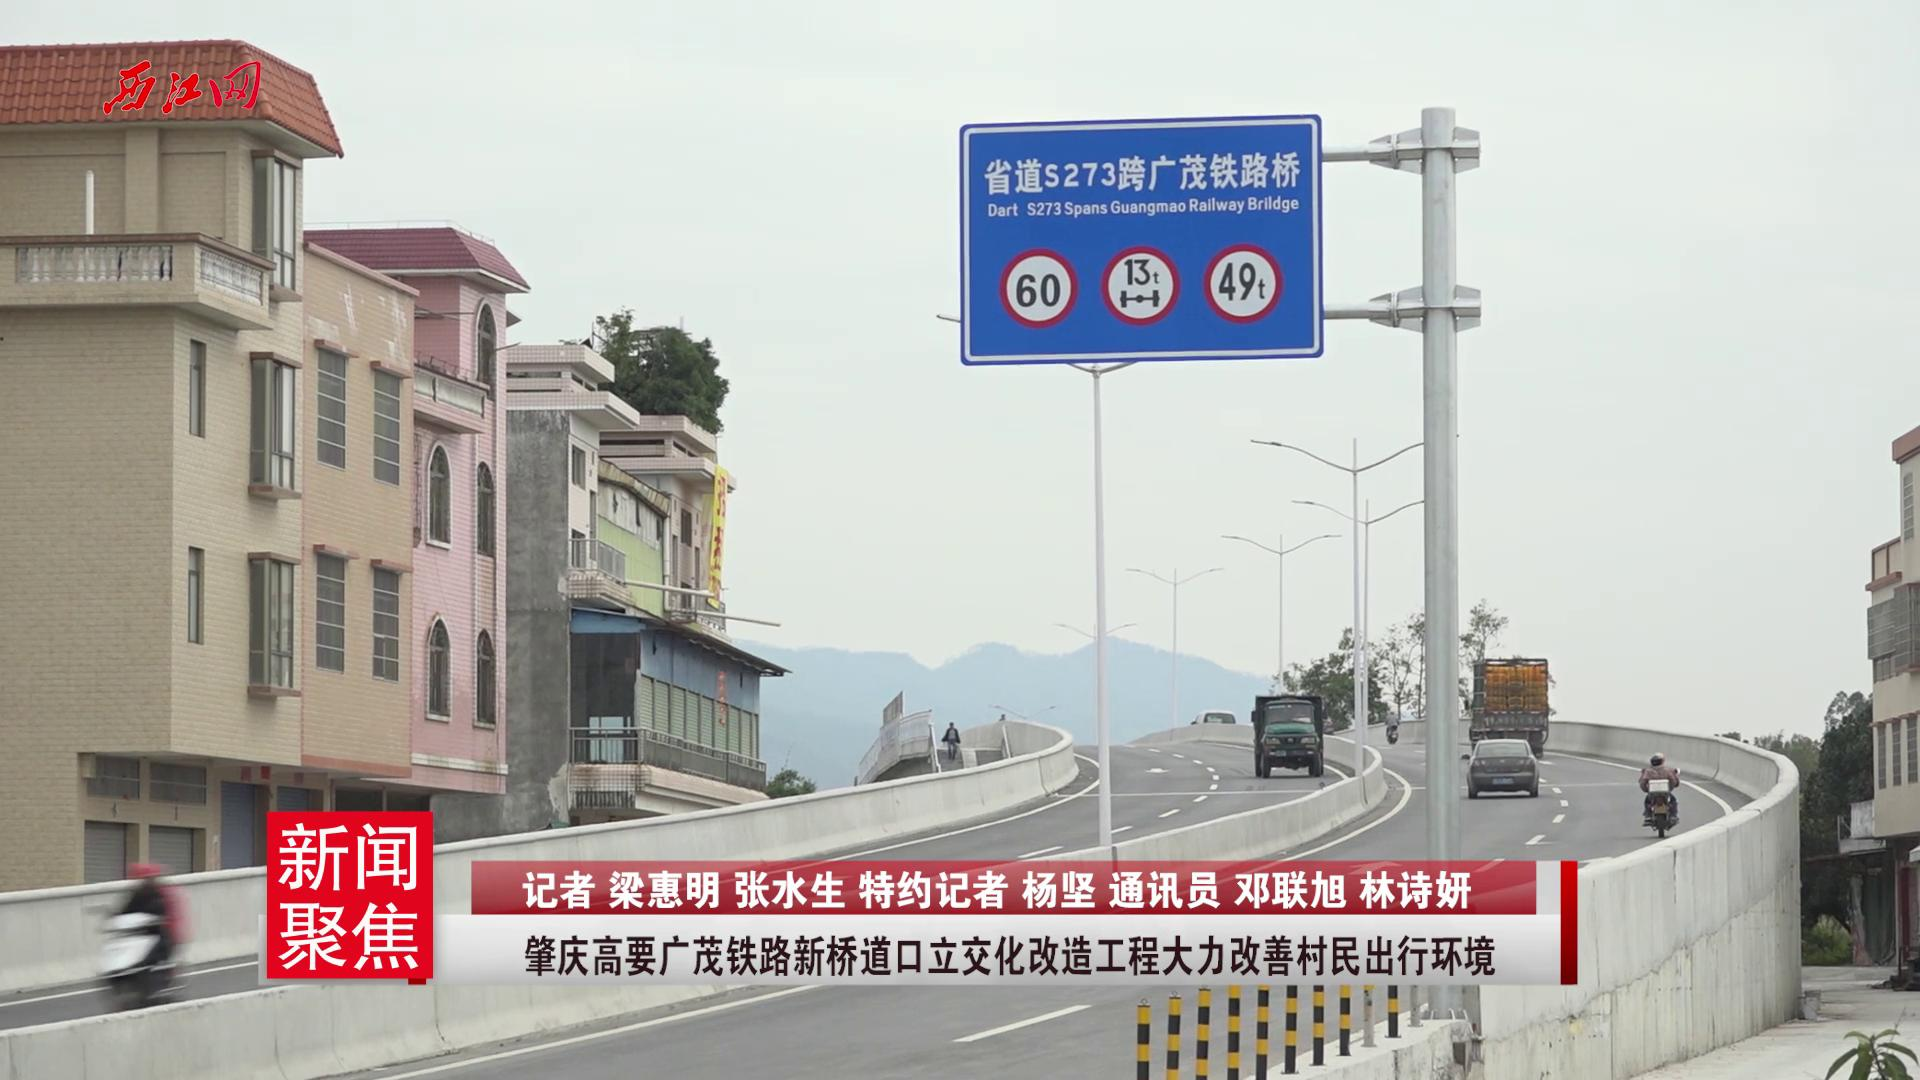 肇庆高要广茂铁路新桥道口立交化改造工程大力改善村民出行环境